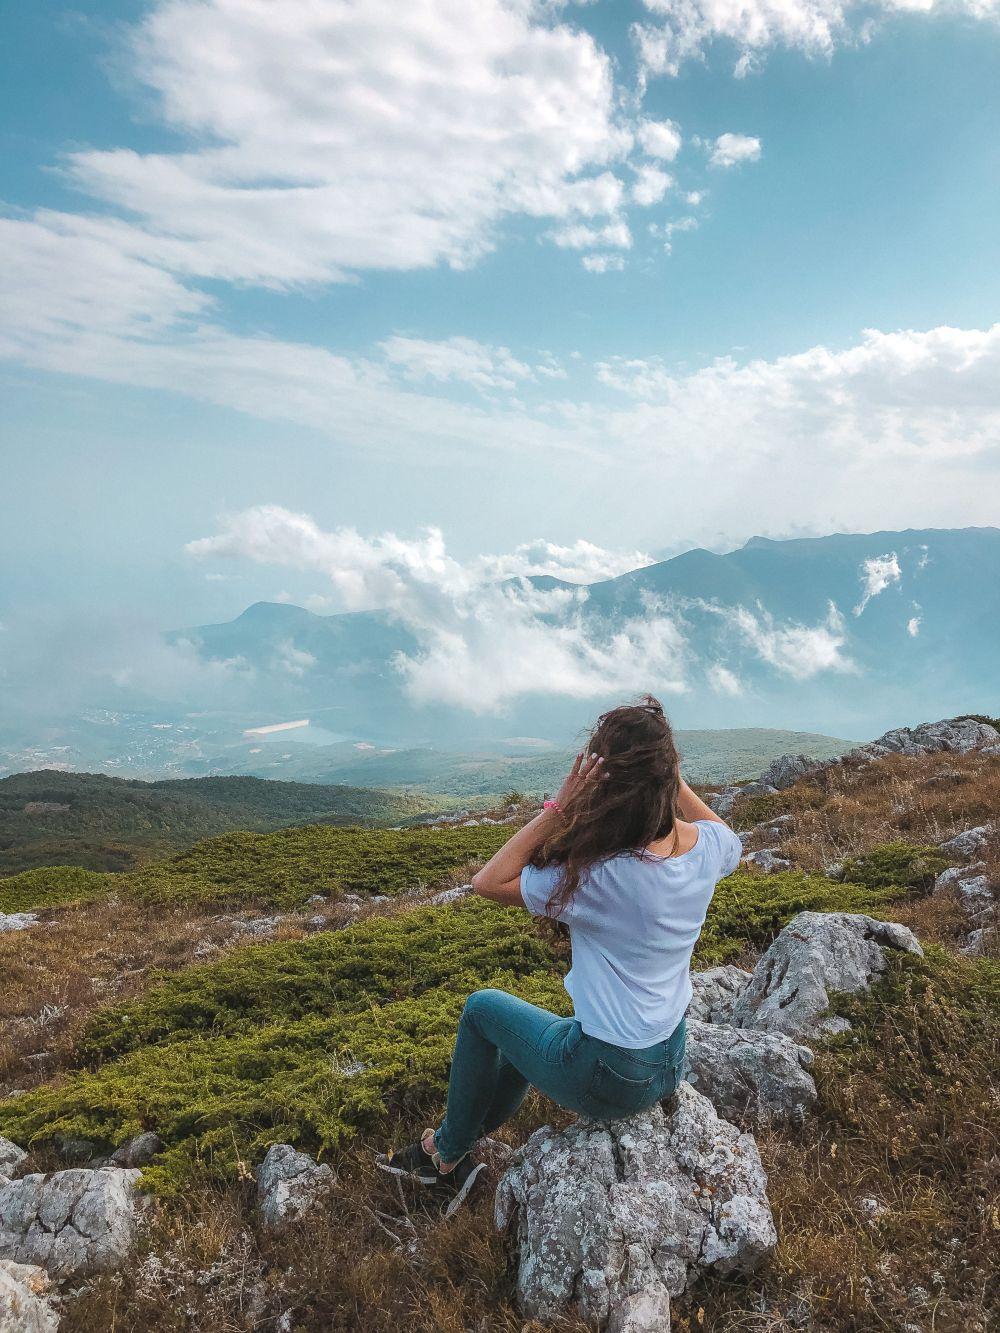 Подъем с Ангарского перевала занимает около 2,5-3 часов.